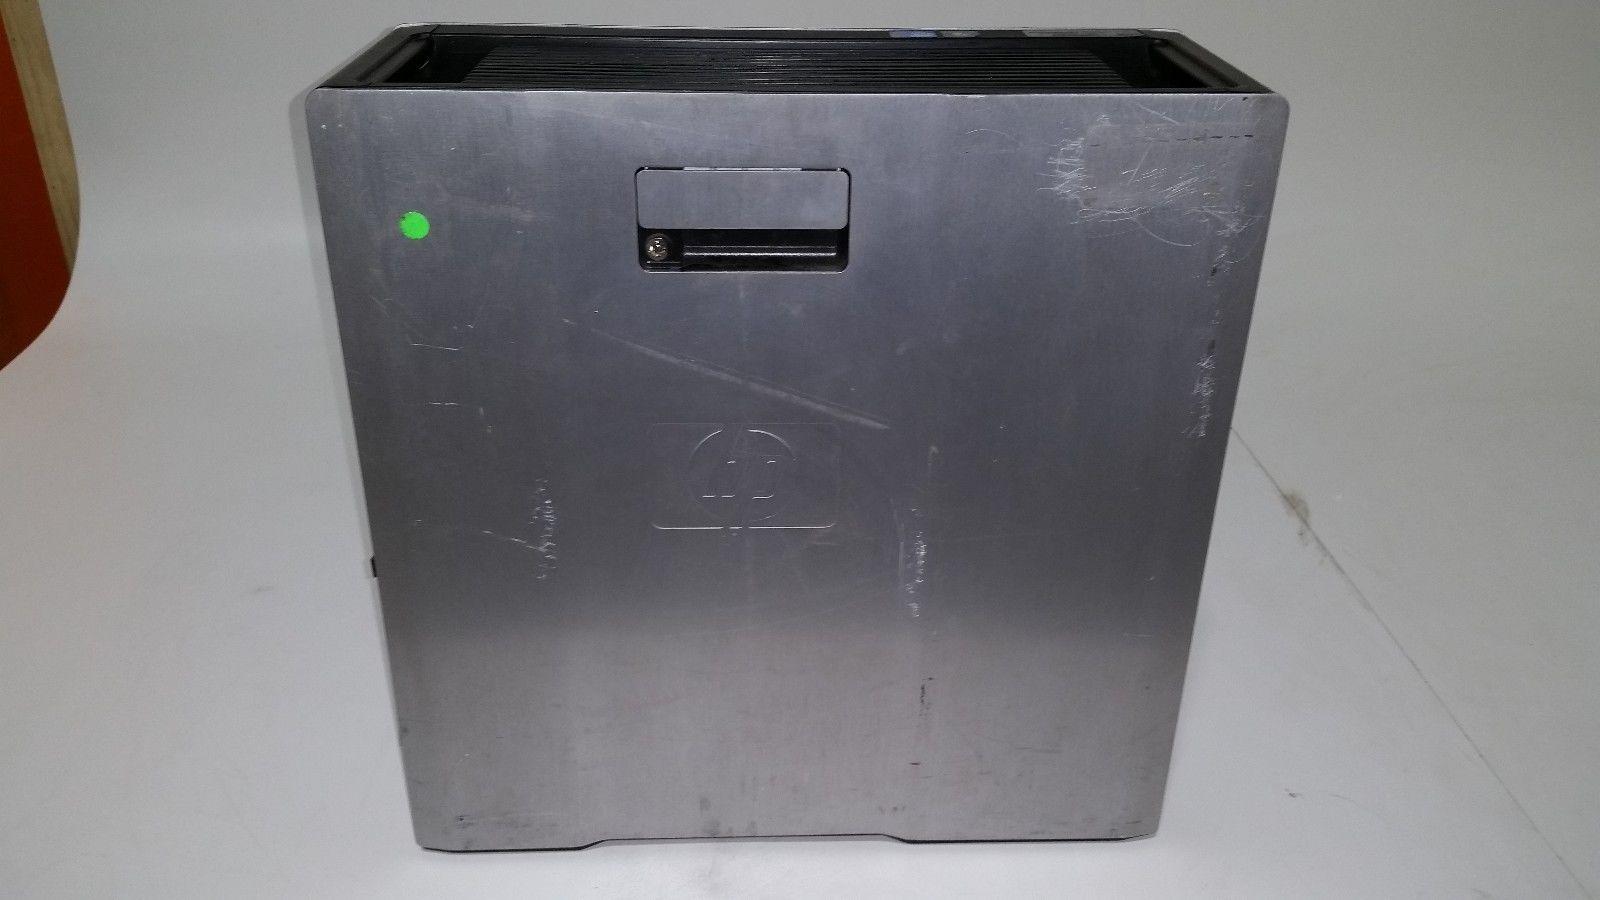 HP Z600 Workstation 2x Xeon E5520 2 26GHz Quad Core / 6GB / 2x 500GB /  DVD-RW / 650W